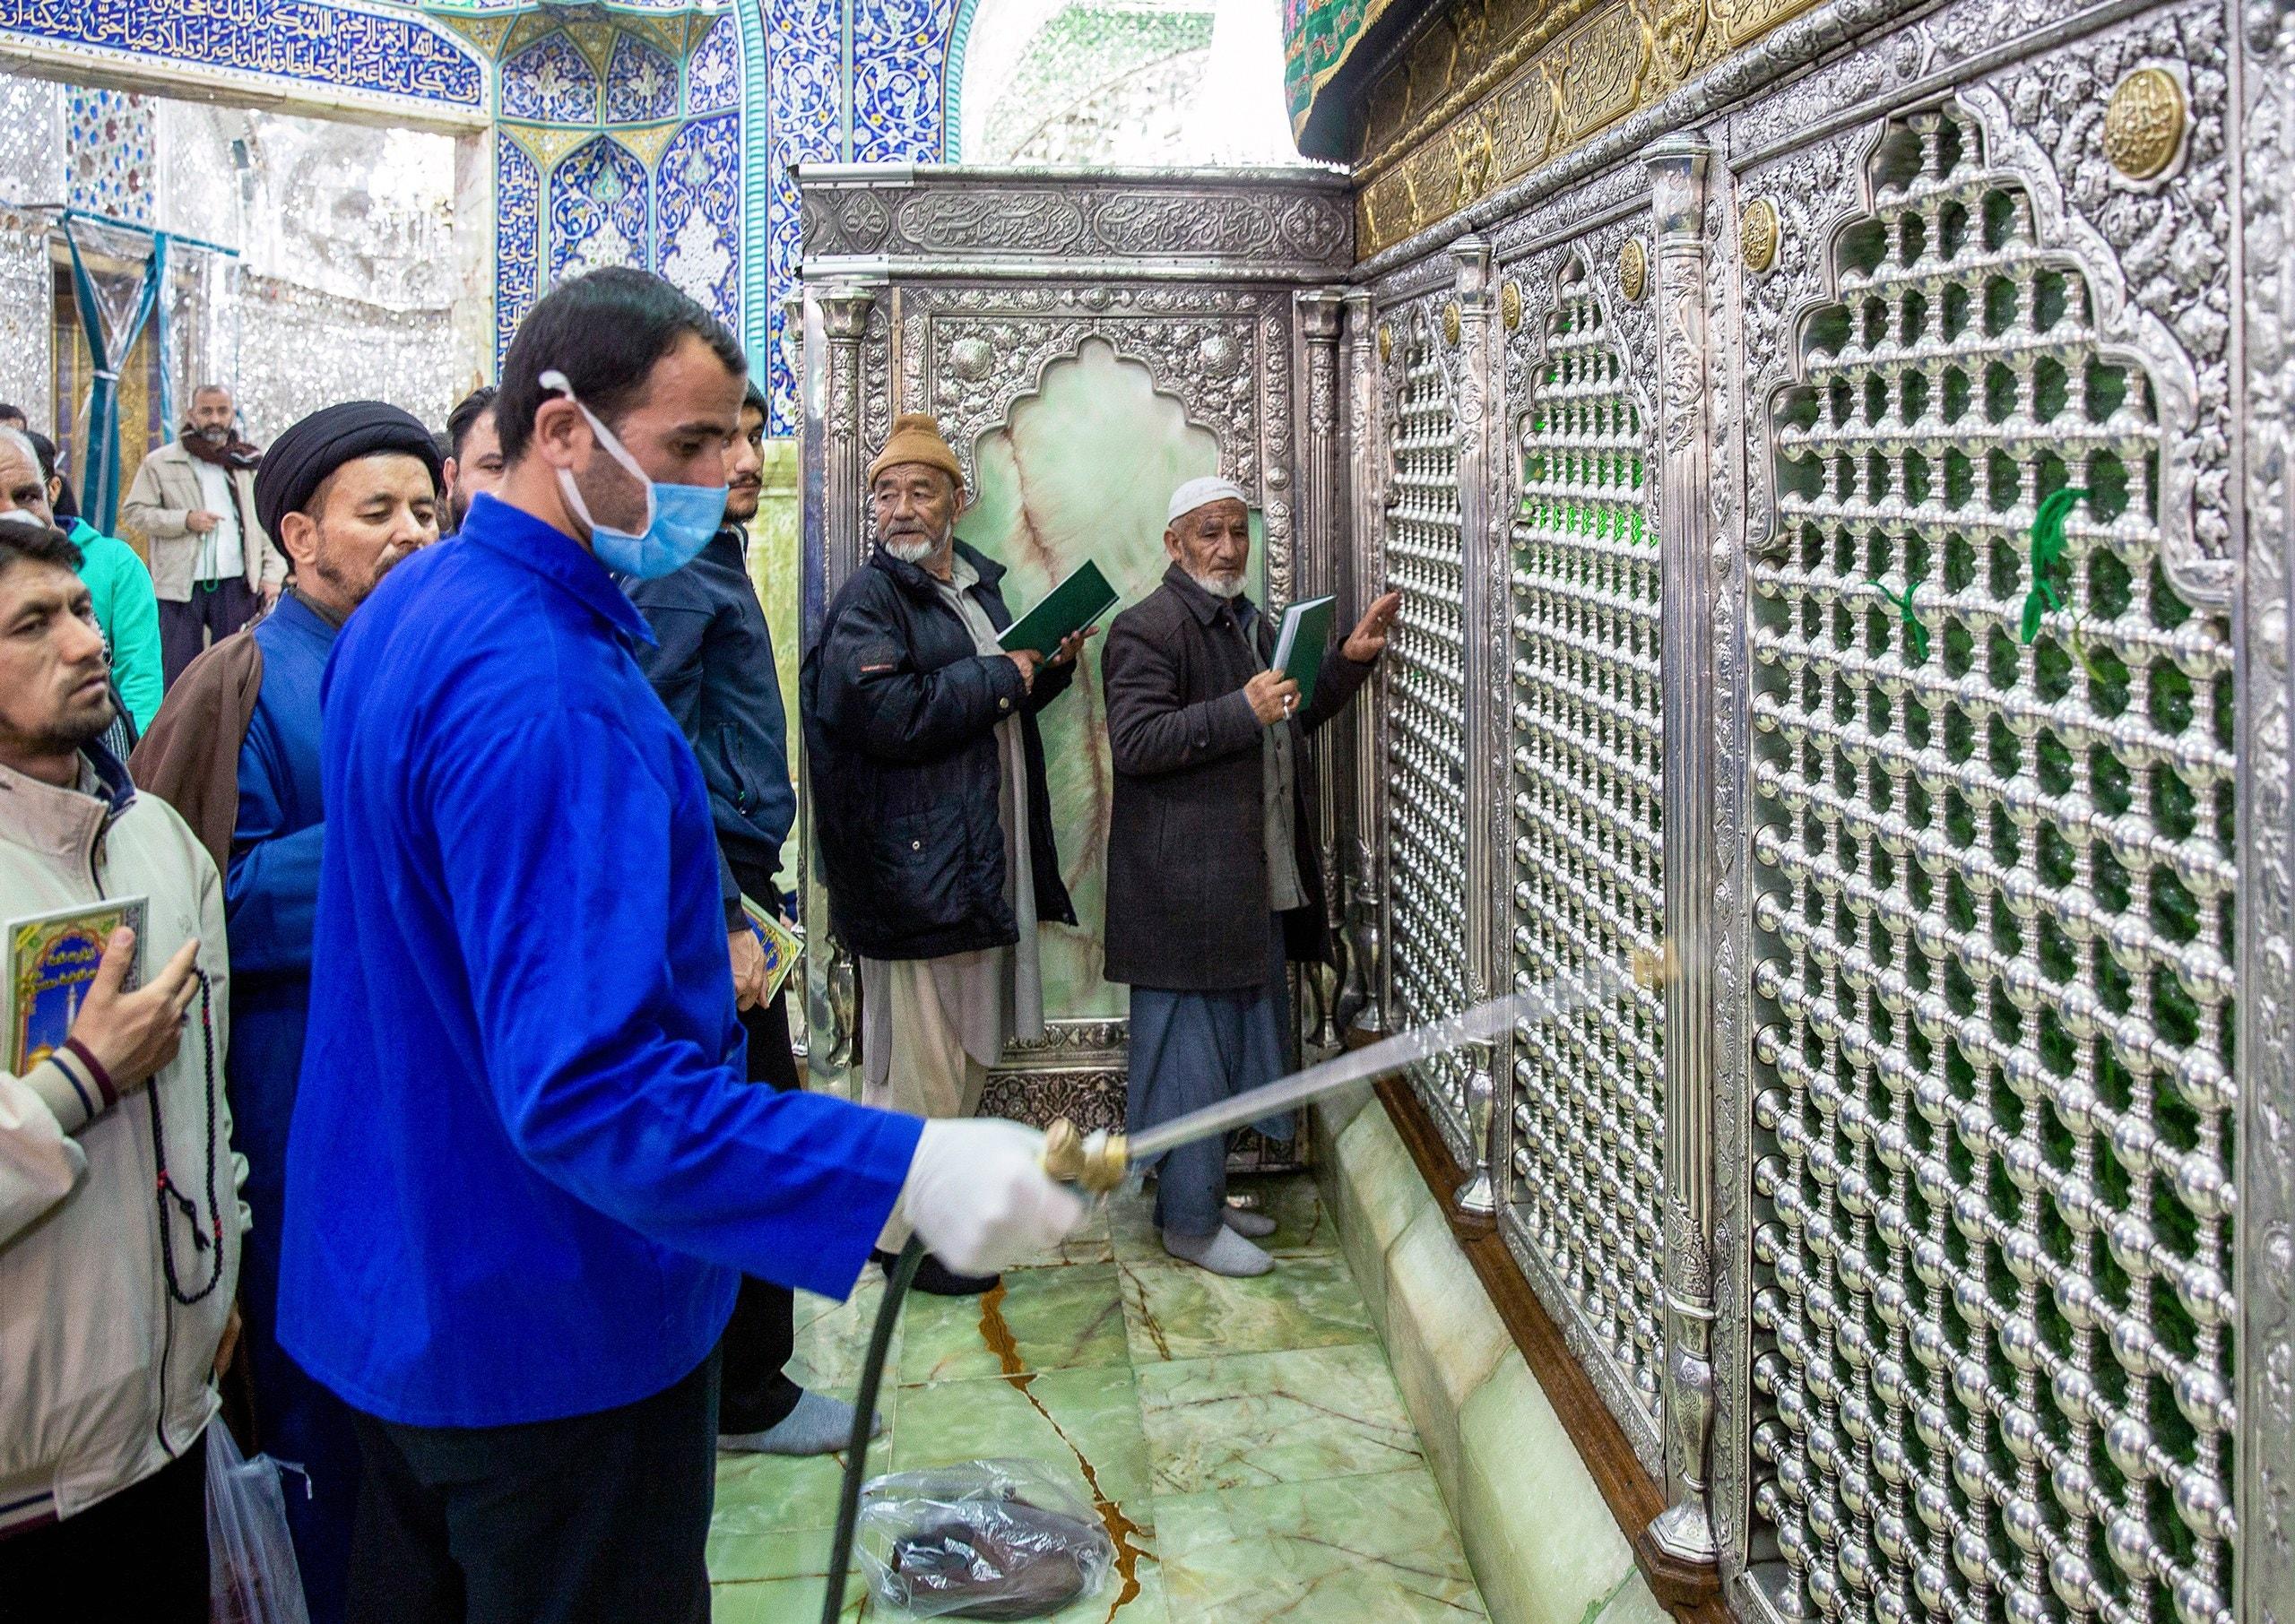 كورونا يدخل مرحلة خطيرة في إيران قد يصعب السيطرة عليها